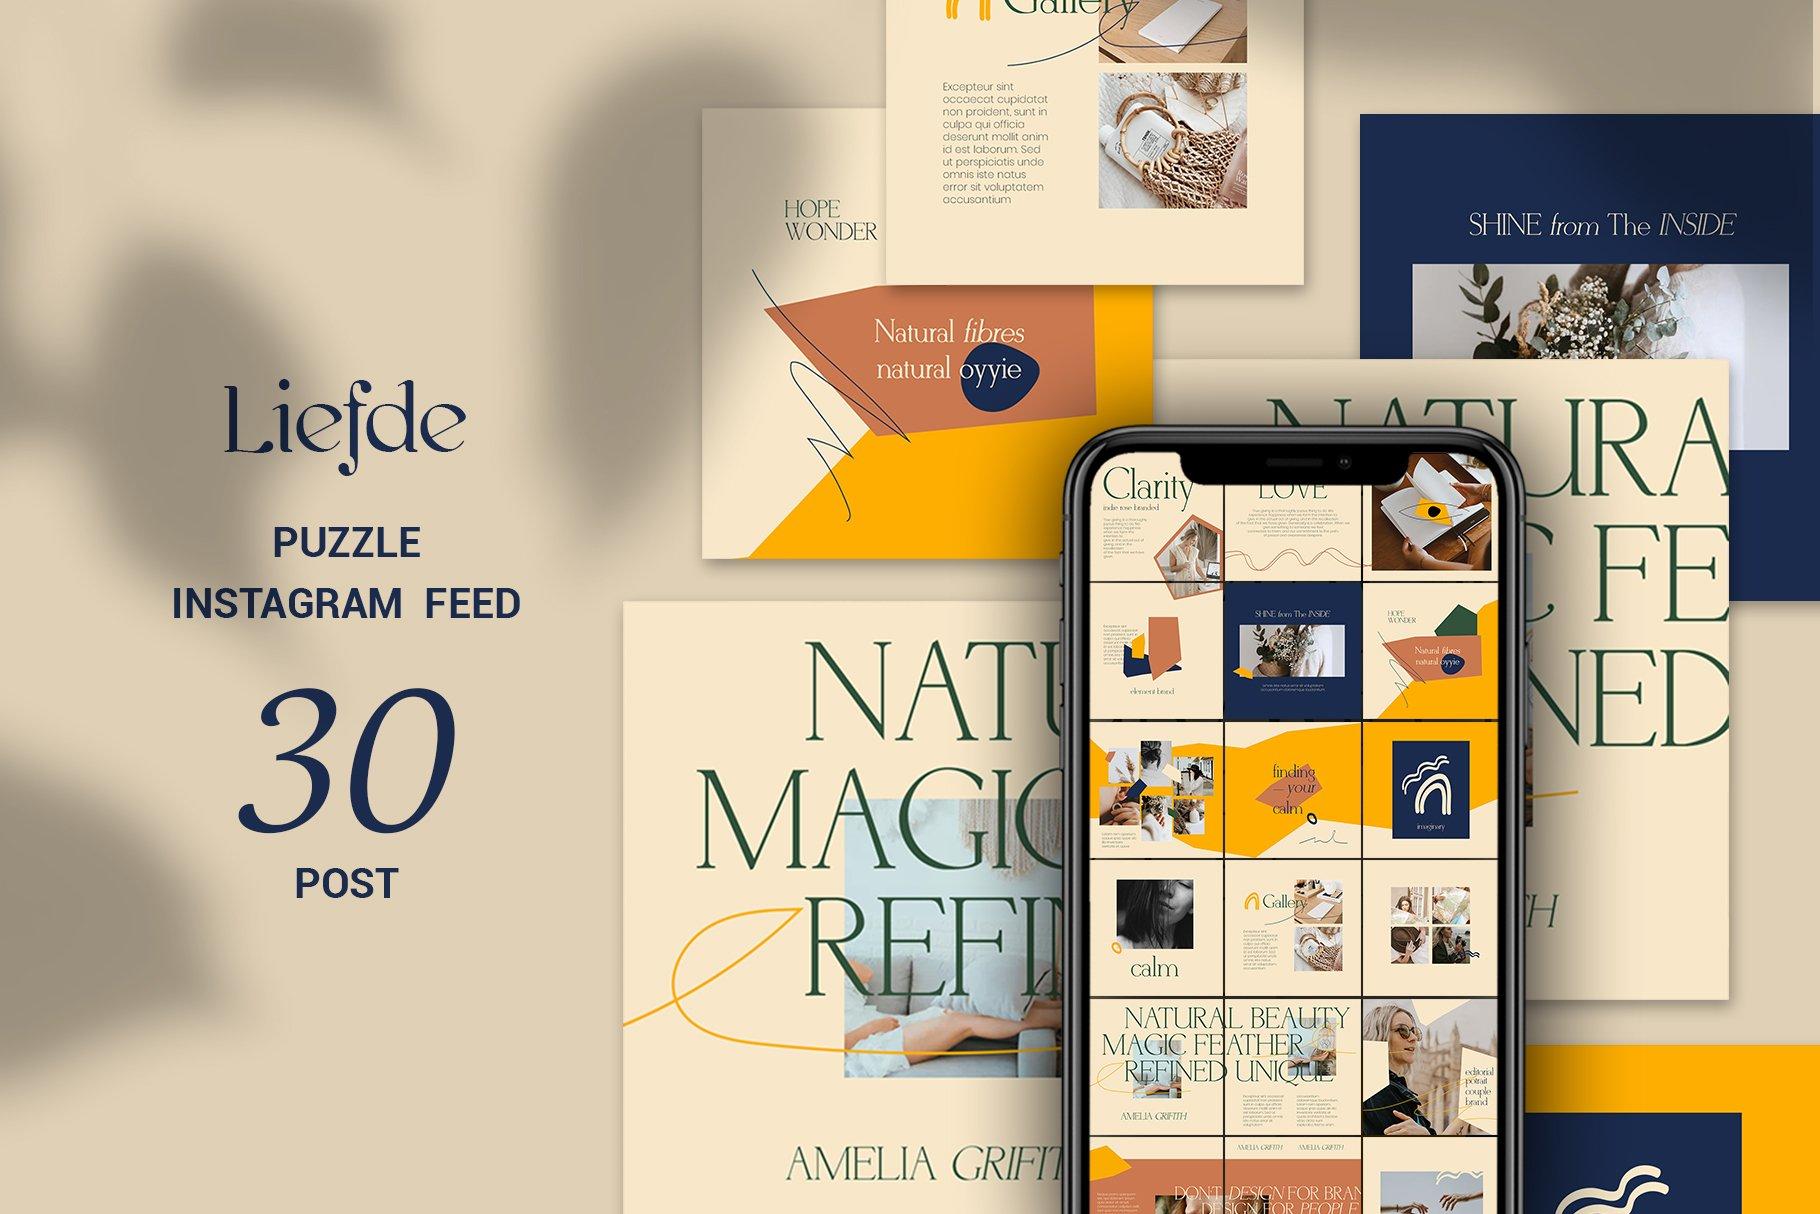 轻奢品牌推广新媒体海报设计模板 Liefde Puzzle Instagram Feed插图